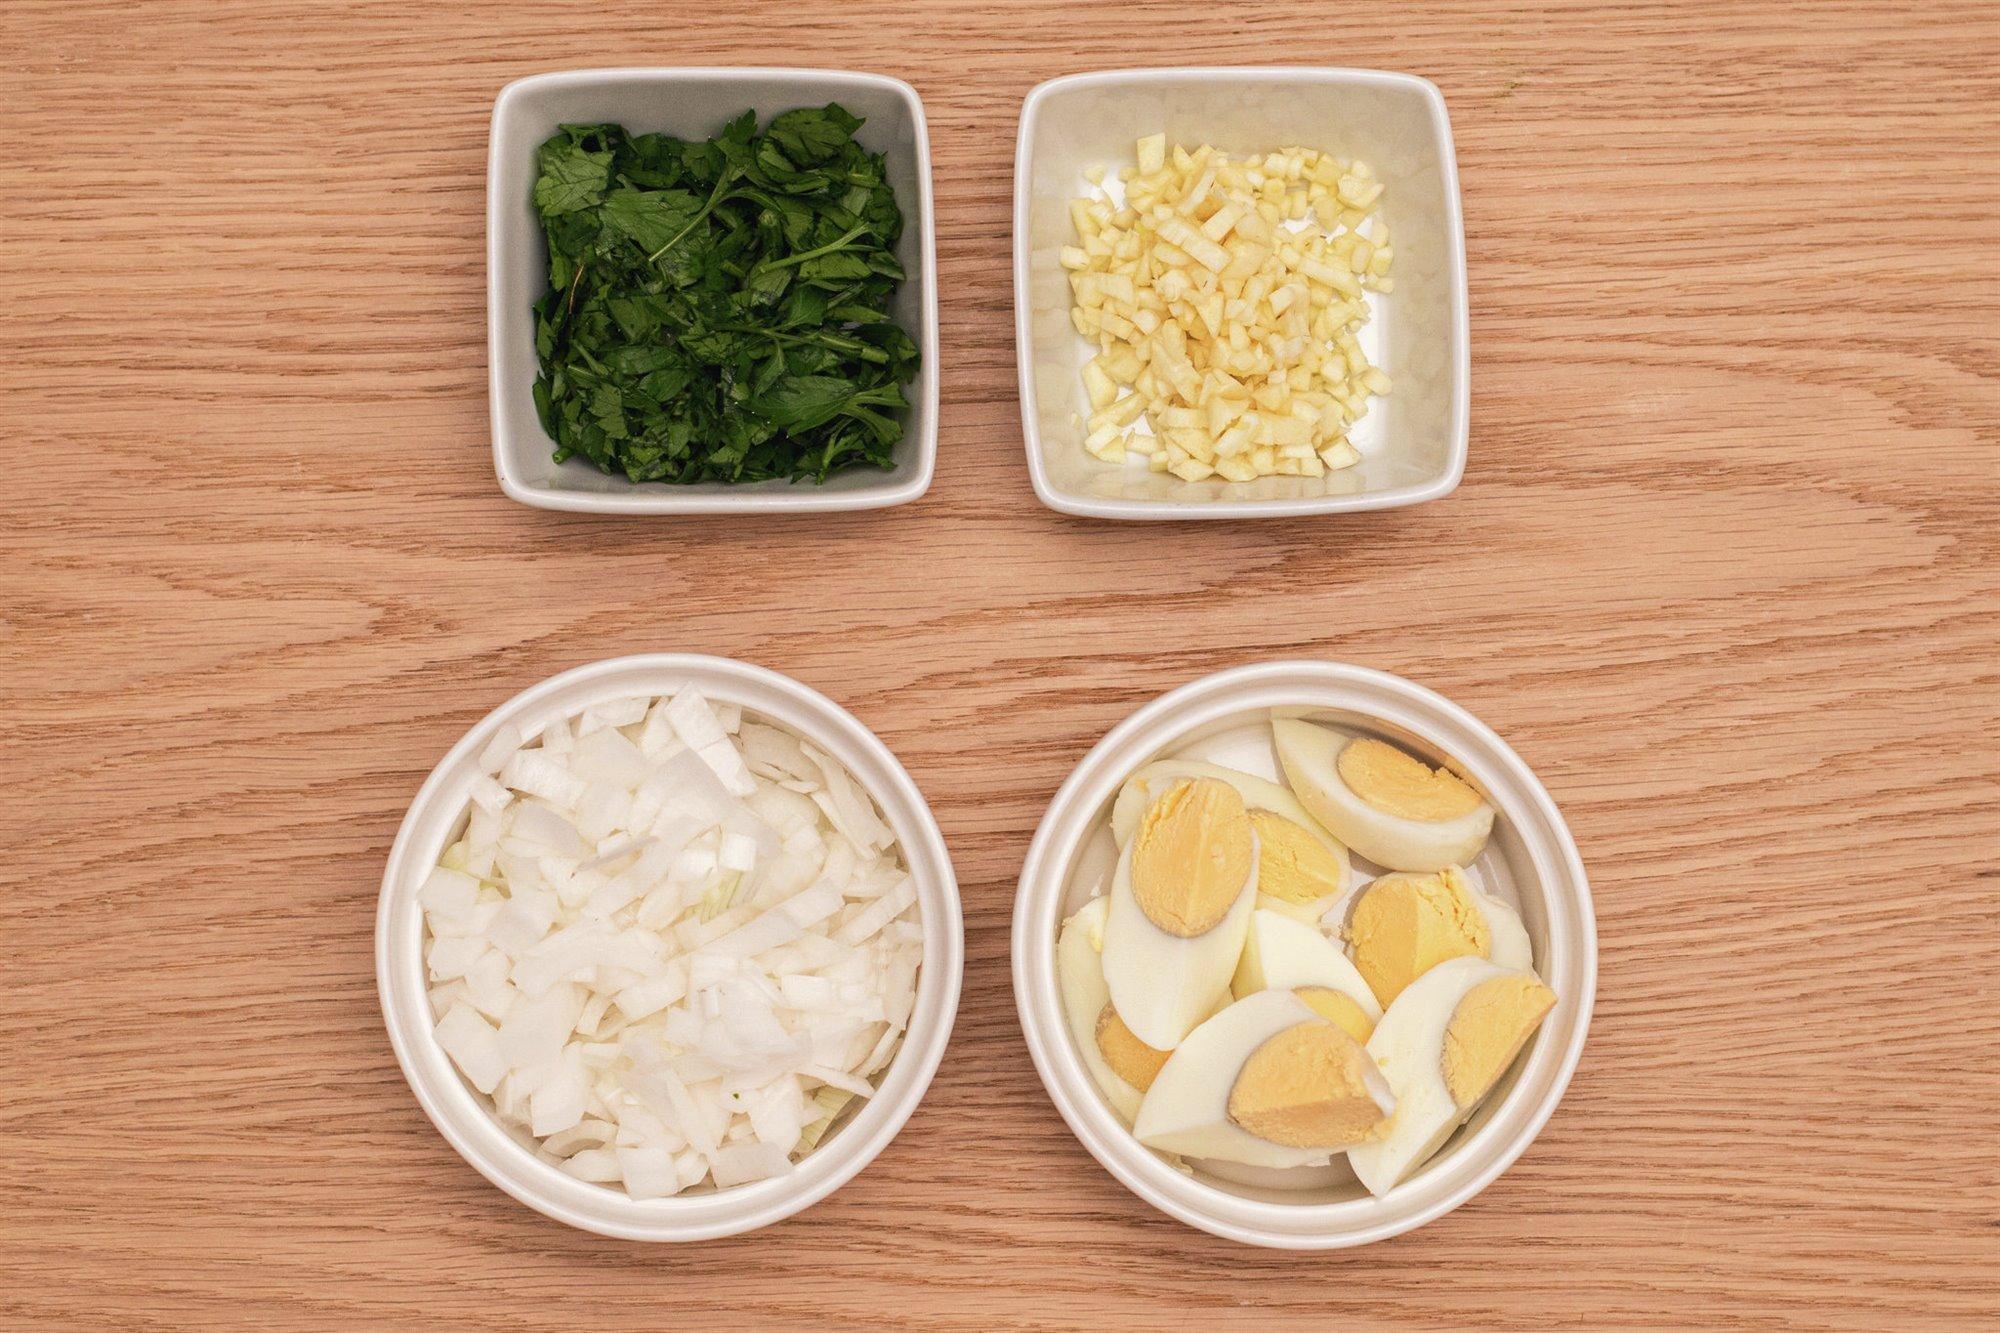 2. Pica la cebolla, ajo, perejil y los huevos